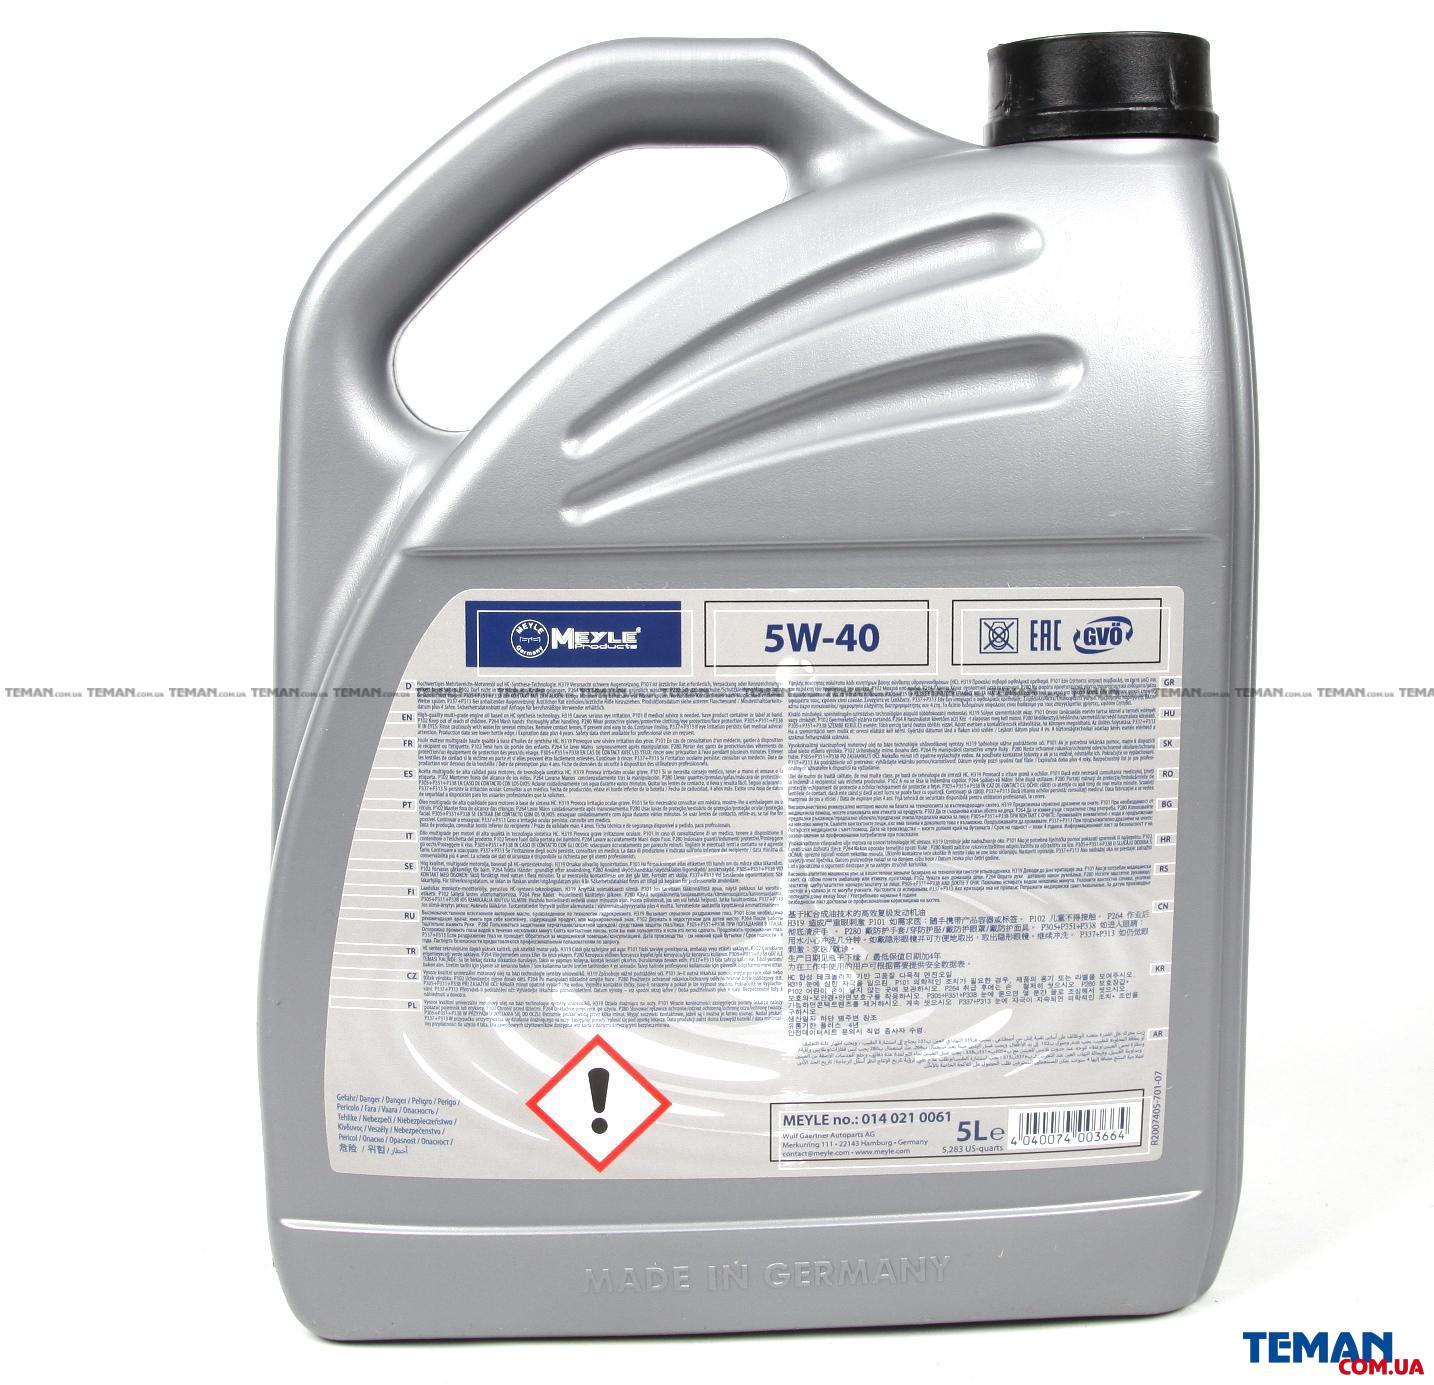 Купить Моторное маслоMEYLE 0140210061